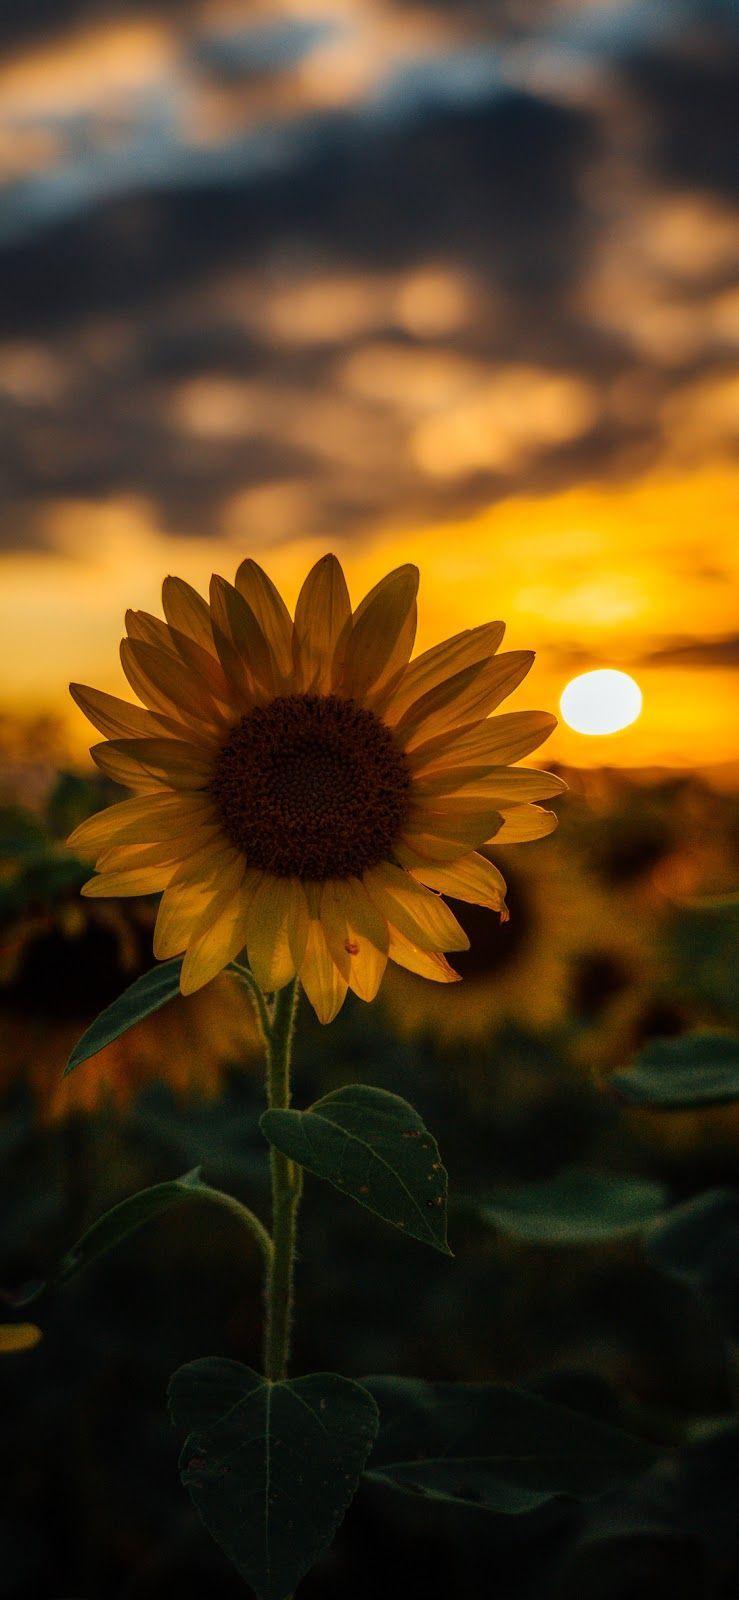 Sunflower wallpaper iphone x Sunflower wallpaper iphone x